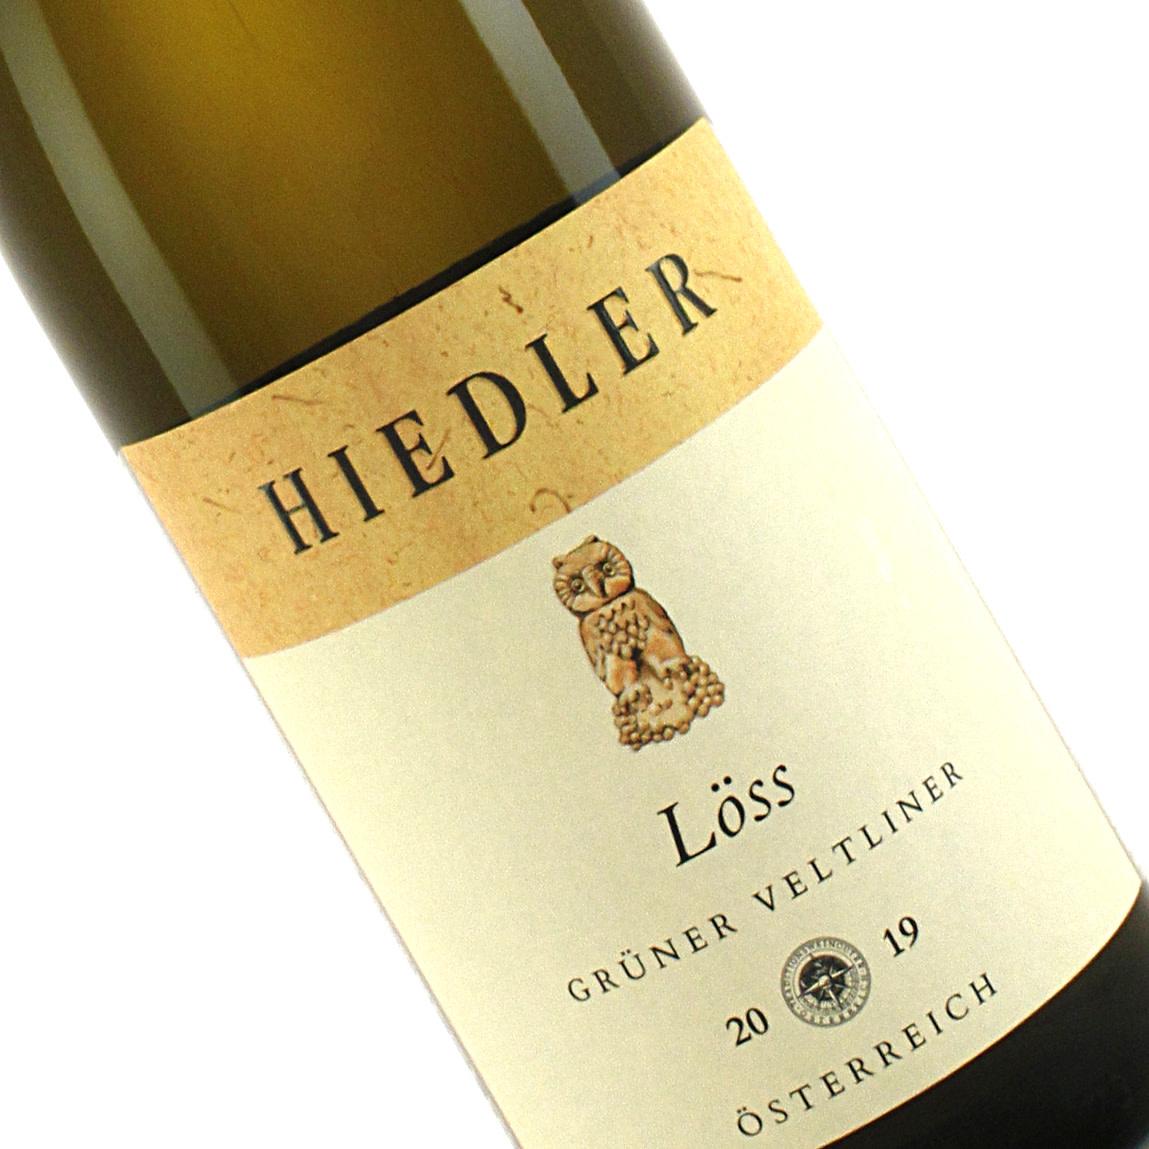 Hiedler 2019 Gruner Veltliner Löss Niederosterreich, Austria